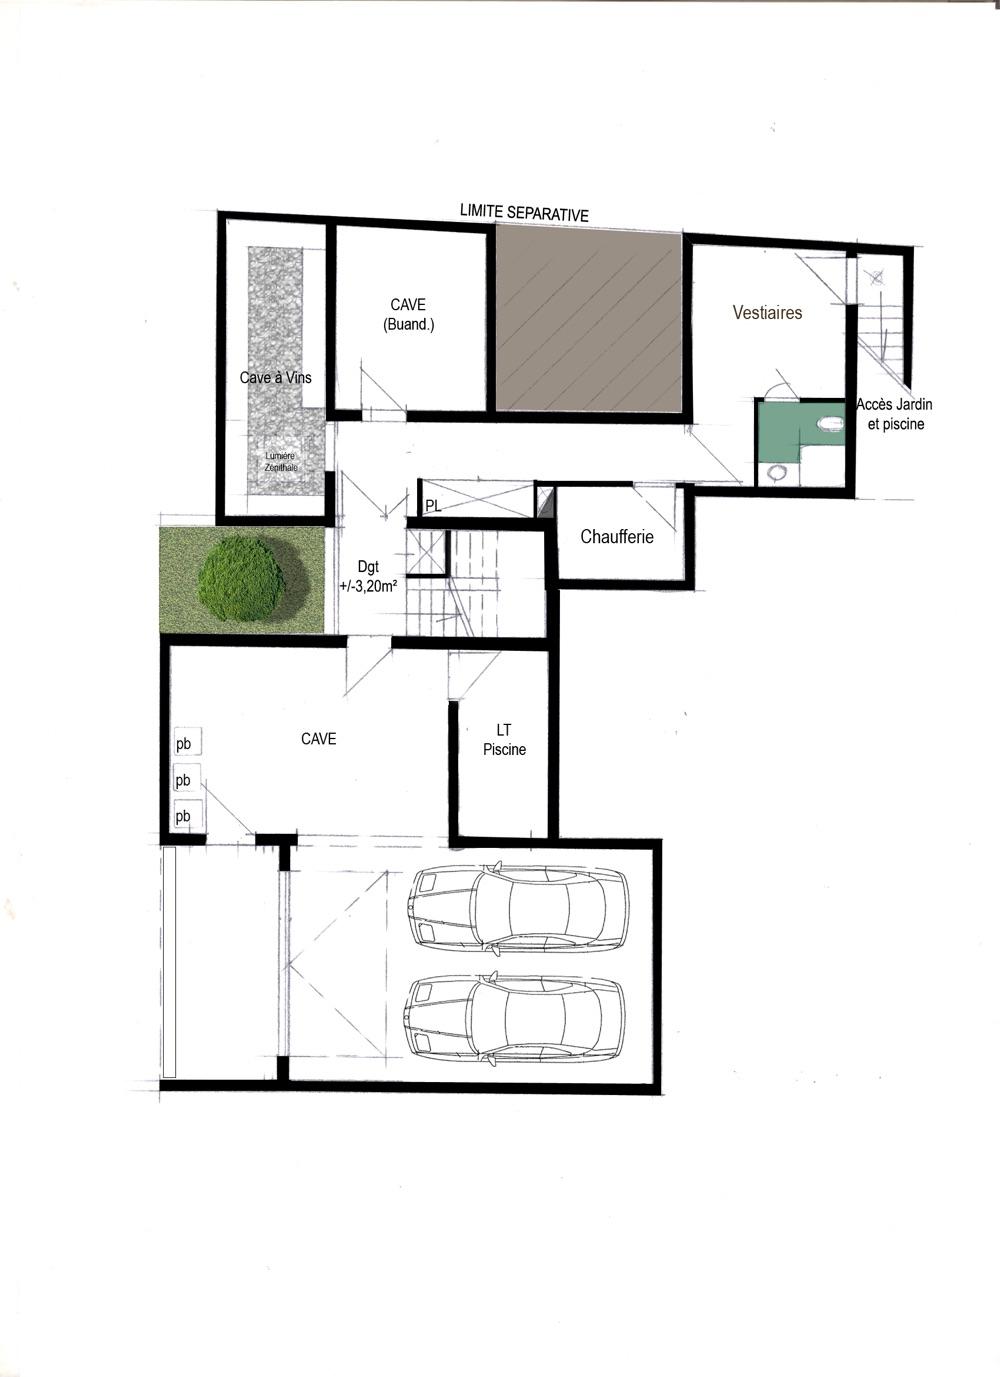 Plan intérieur du Rez de chaussé d'une maison moderne